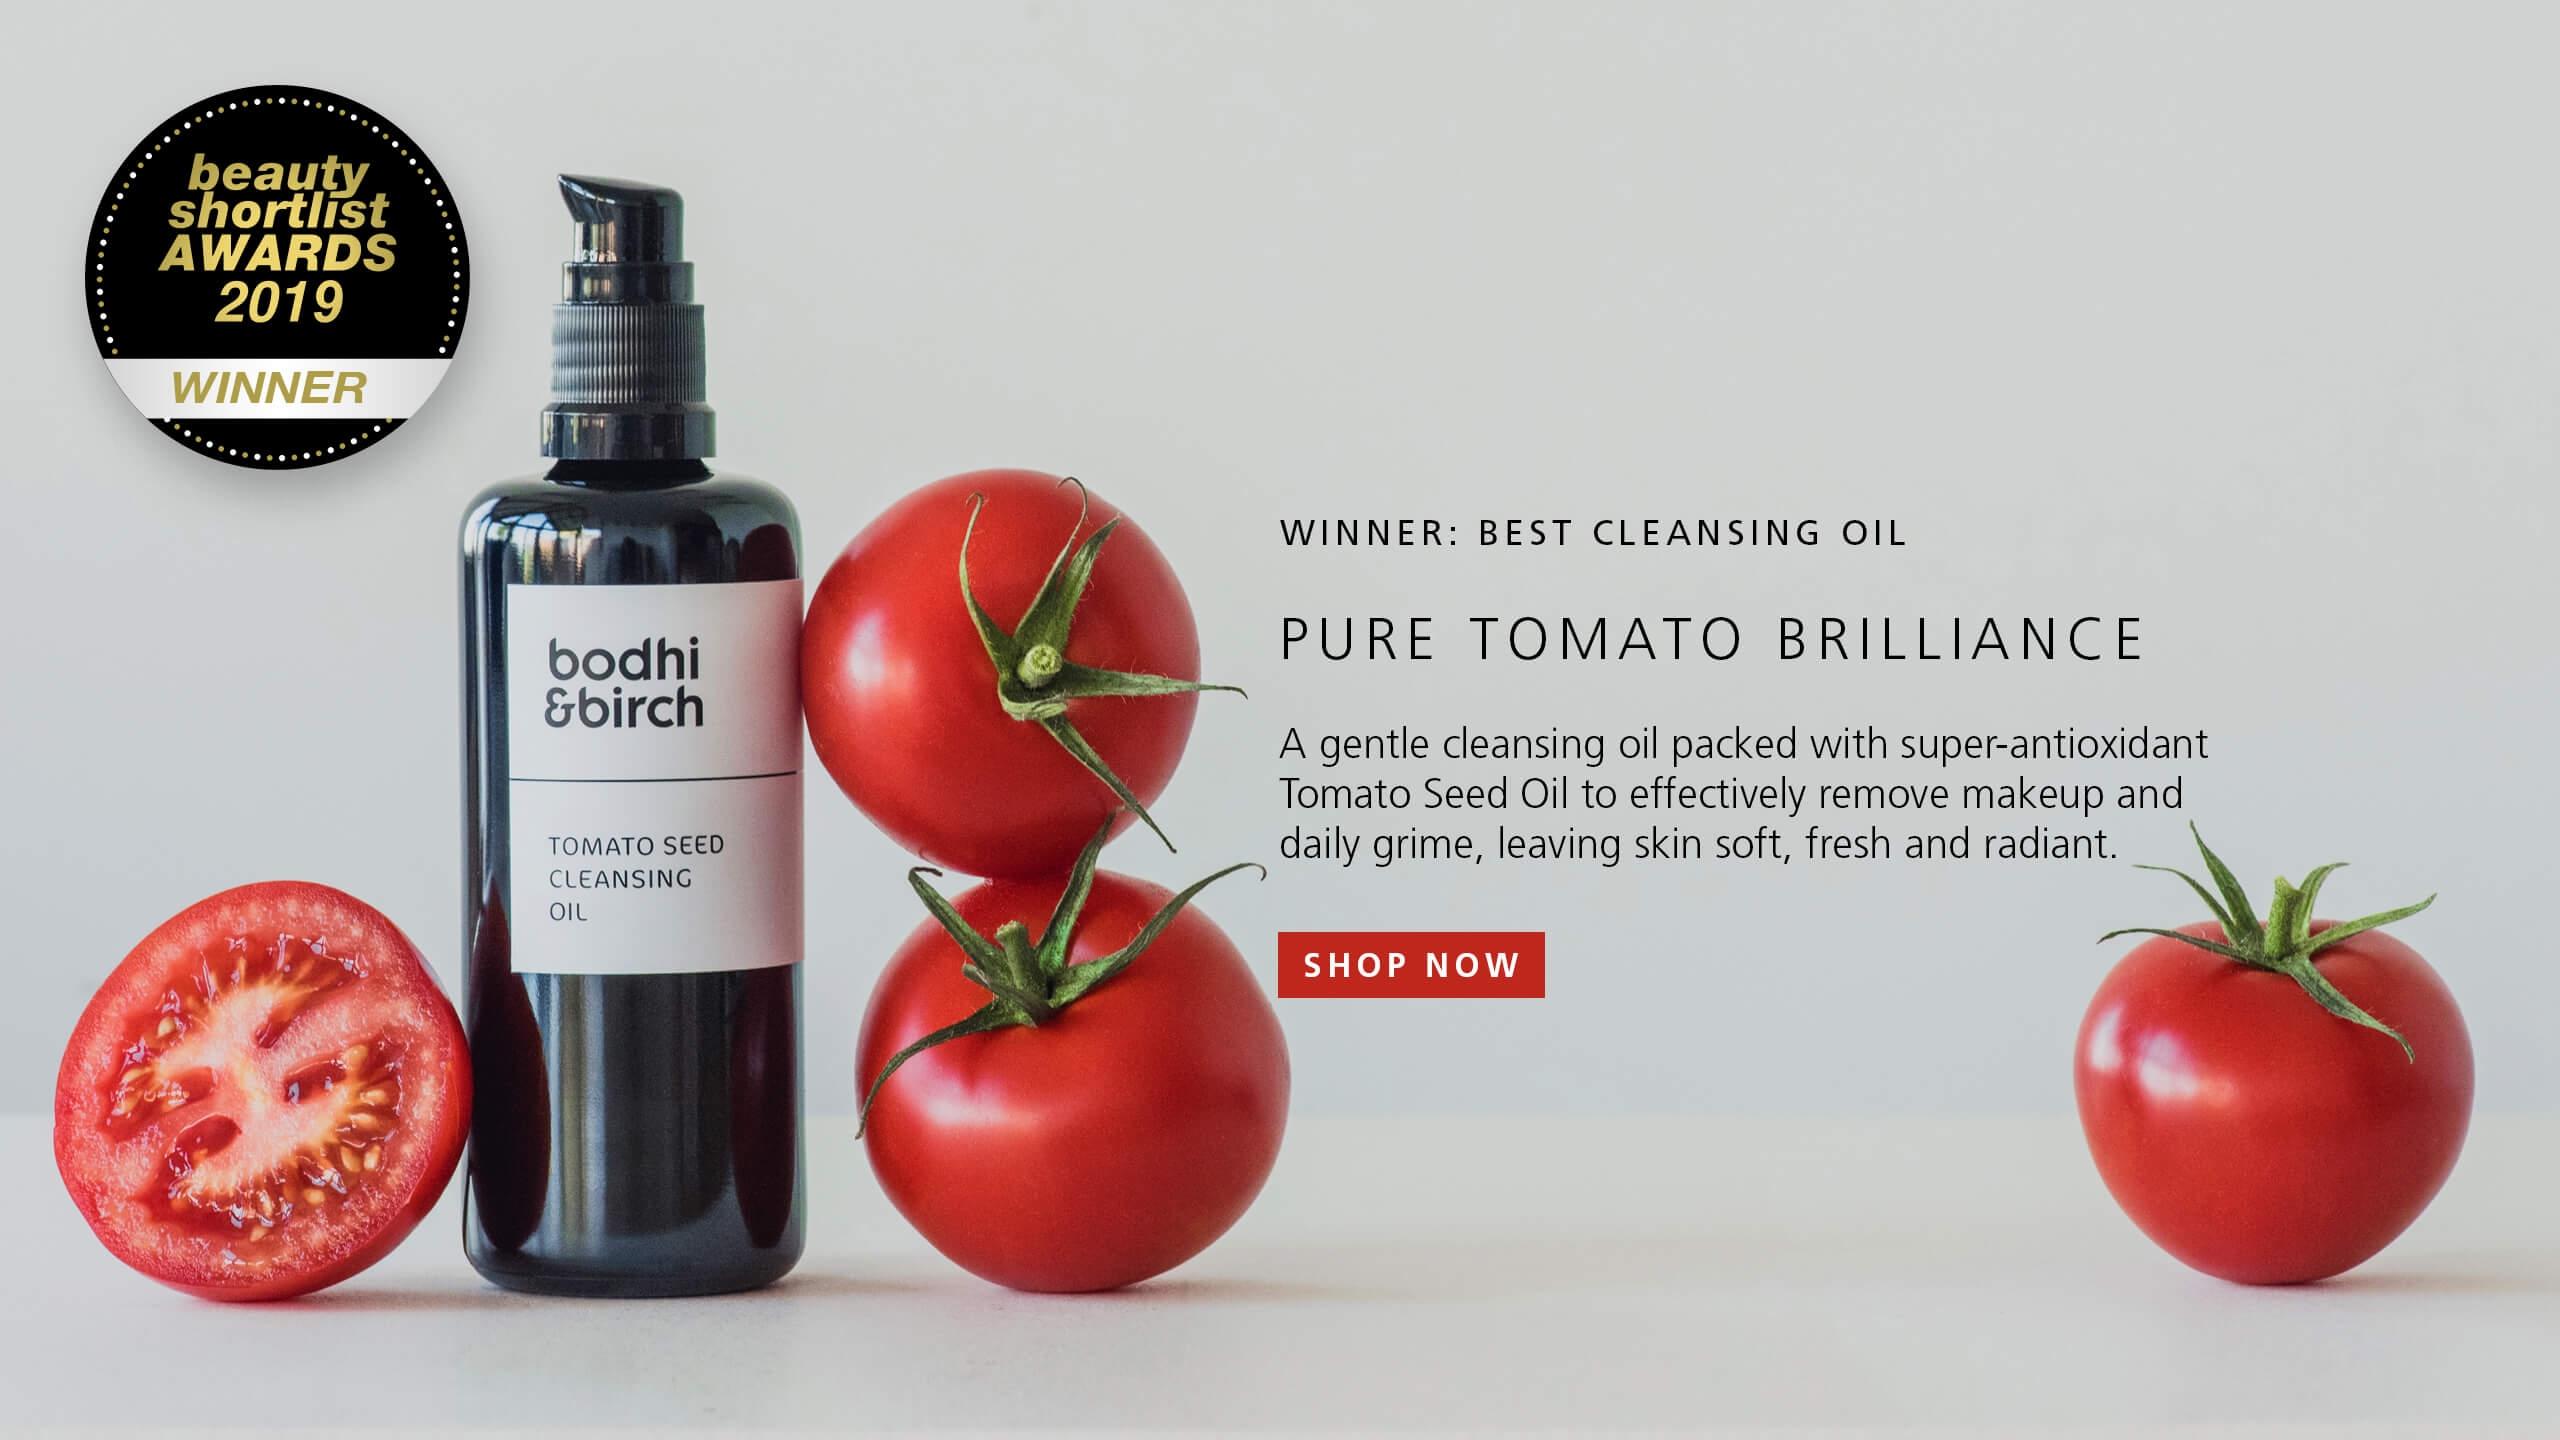 Pure Tomato Brilliance